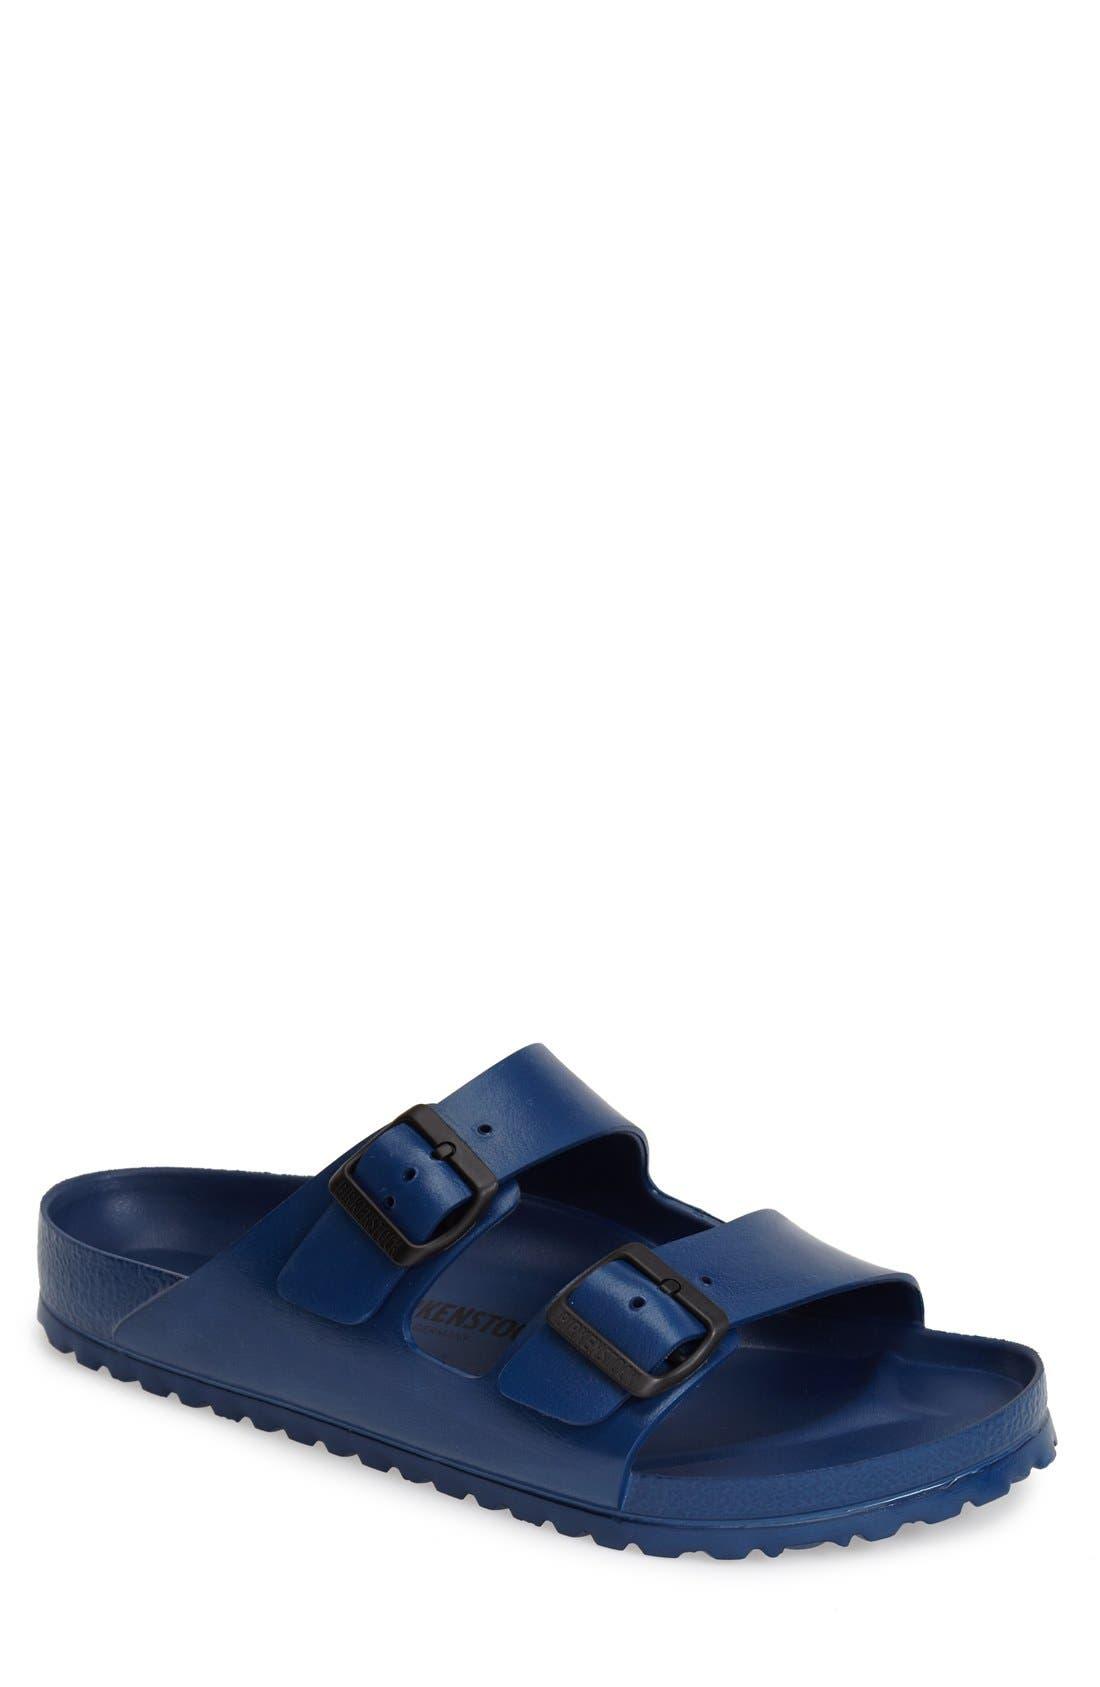 Main Image - Birkenstock 'Essentials - Arizona EVA' Waterproof Slide Sandal (Men)